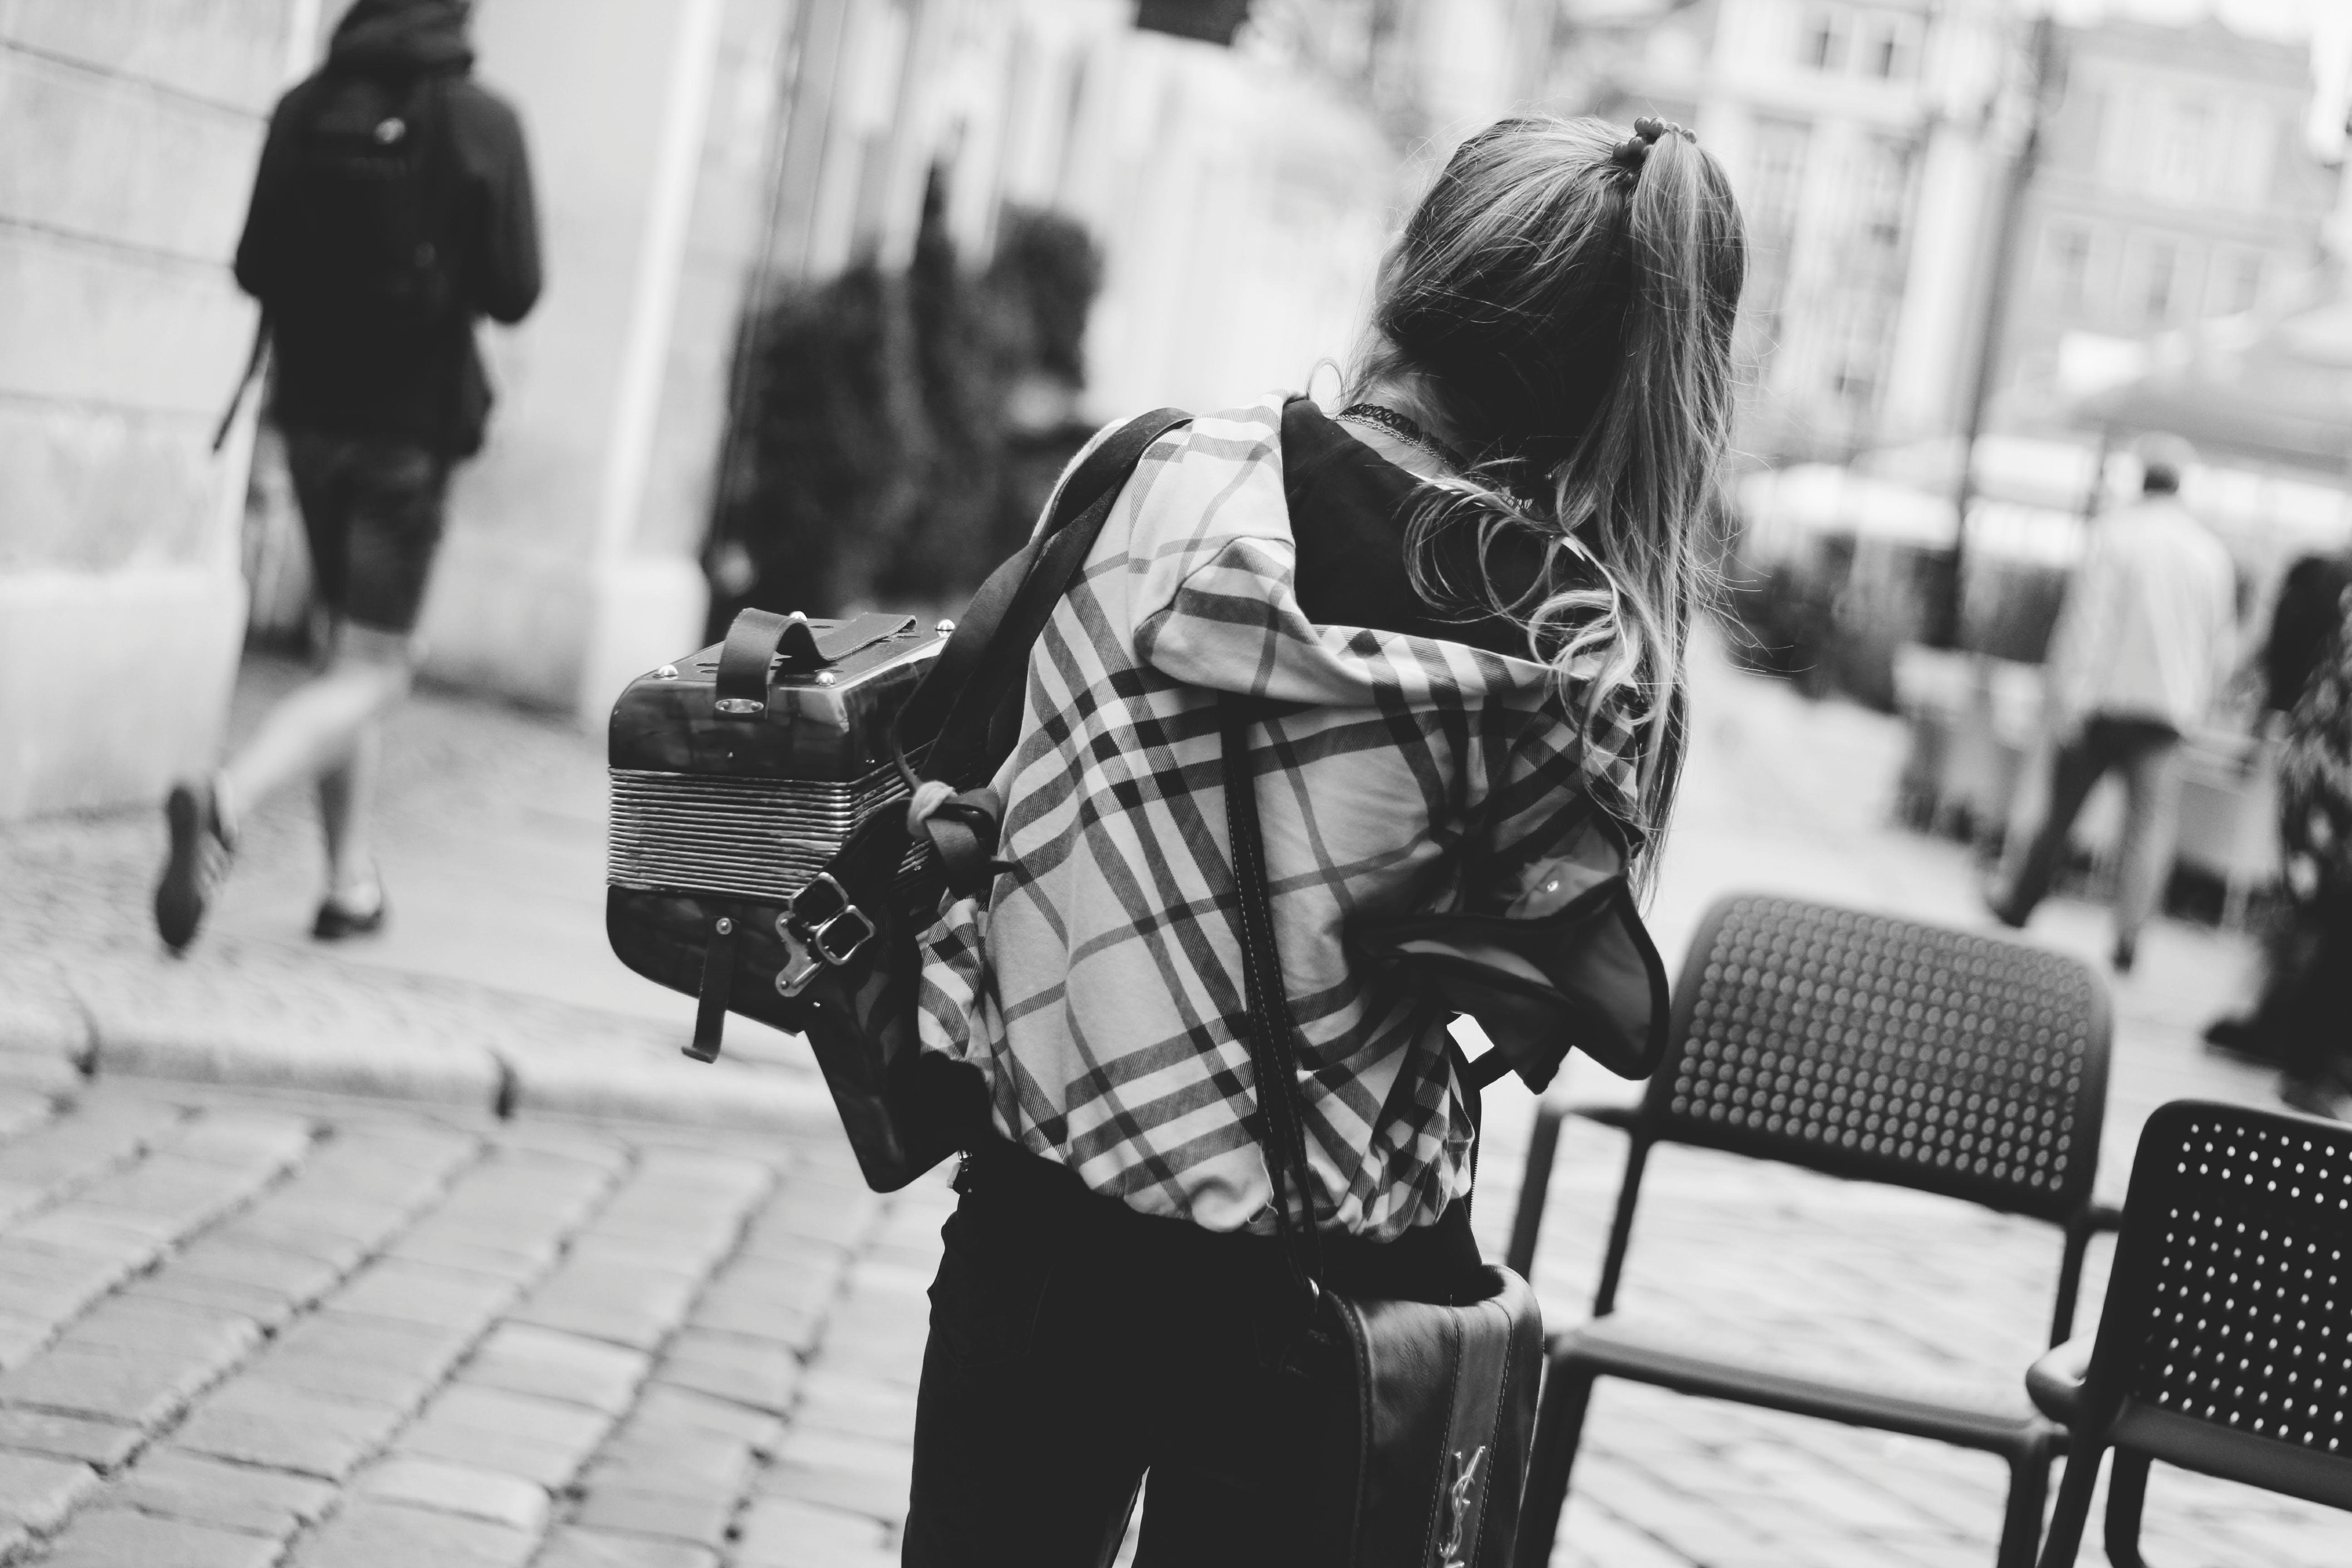 シティ, デッキチェア, 昼間, 服の無料の写真素材